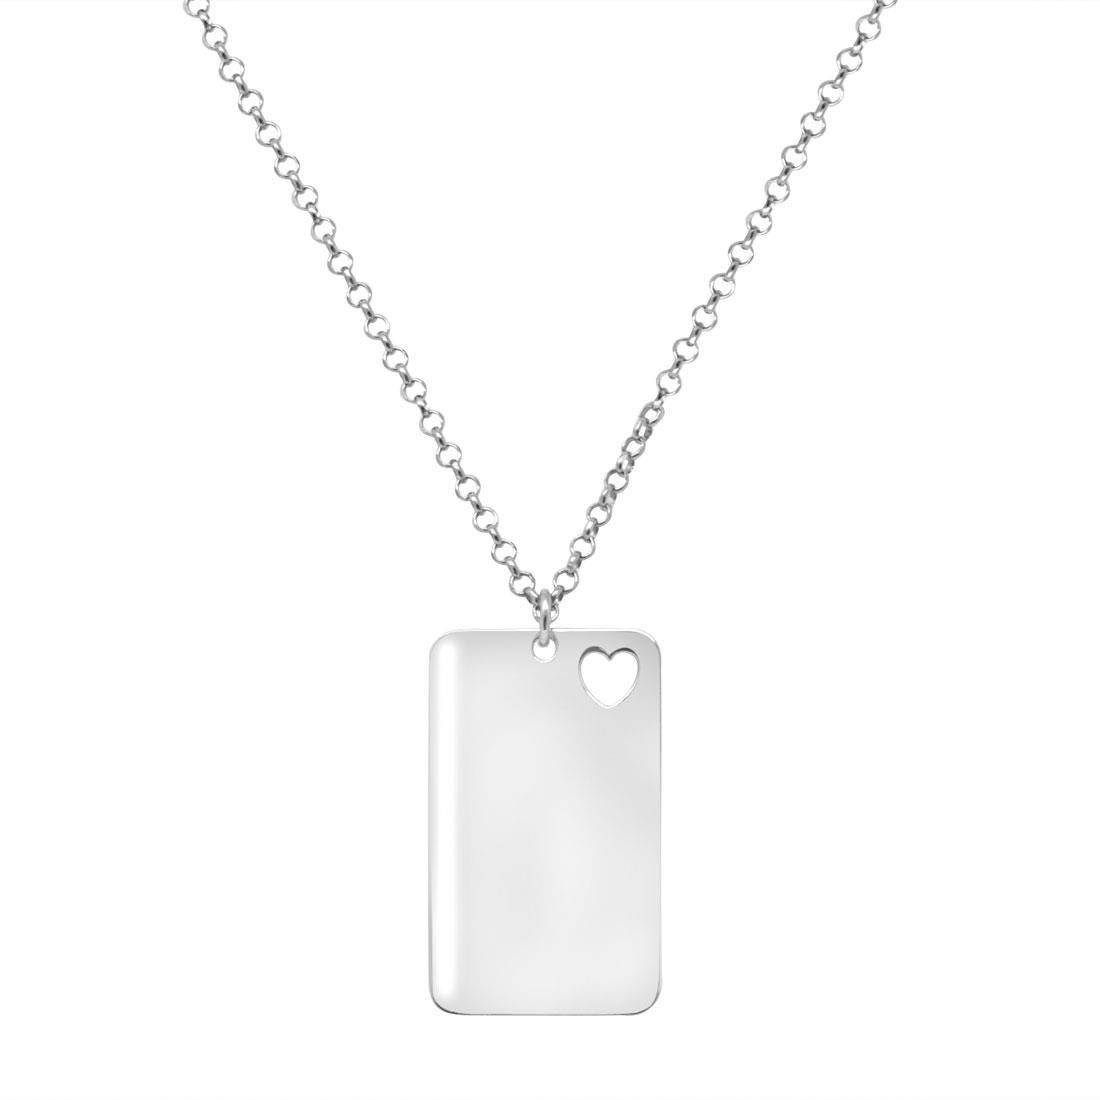 Collana in argento con piastrina cuore - ORO&CO